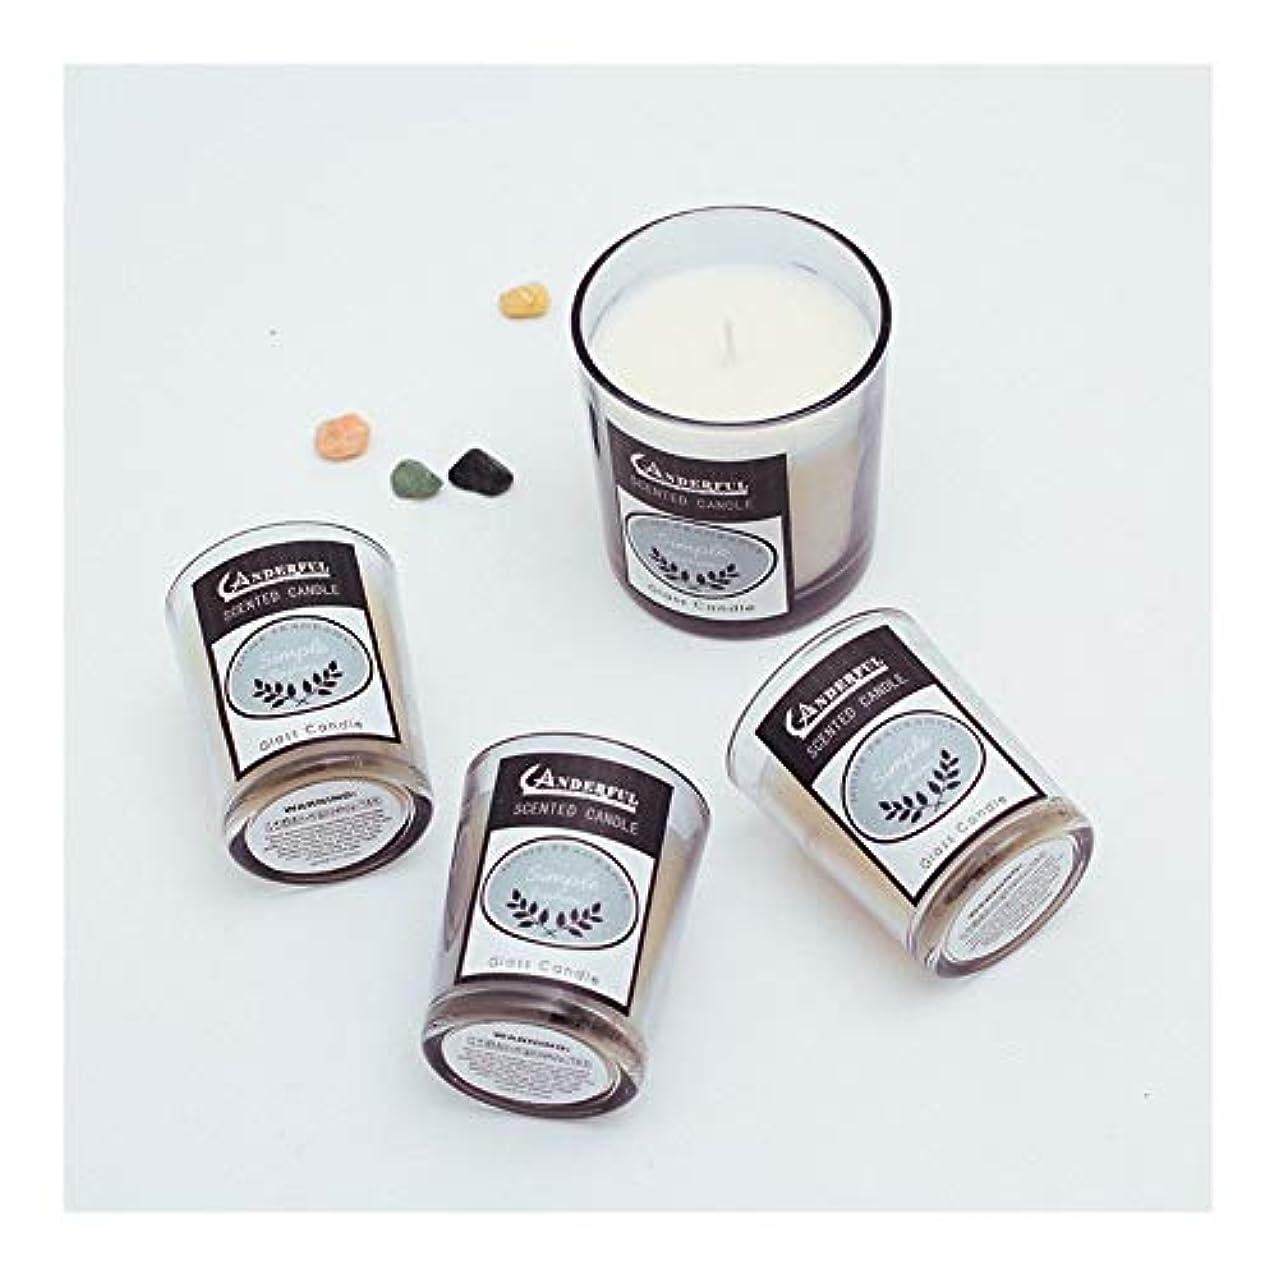 ご注意スラム一緒にZtian 香り手作りギフトガラスローソク足ロマンチックなアロマセラピーキャンドルアロマセラピーキャンドル誕生日キャンドル (色 : Beige)